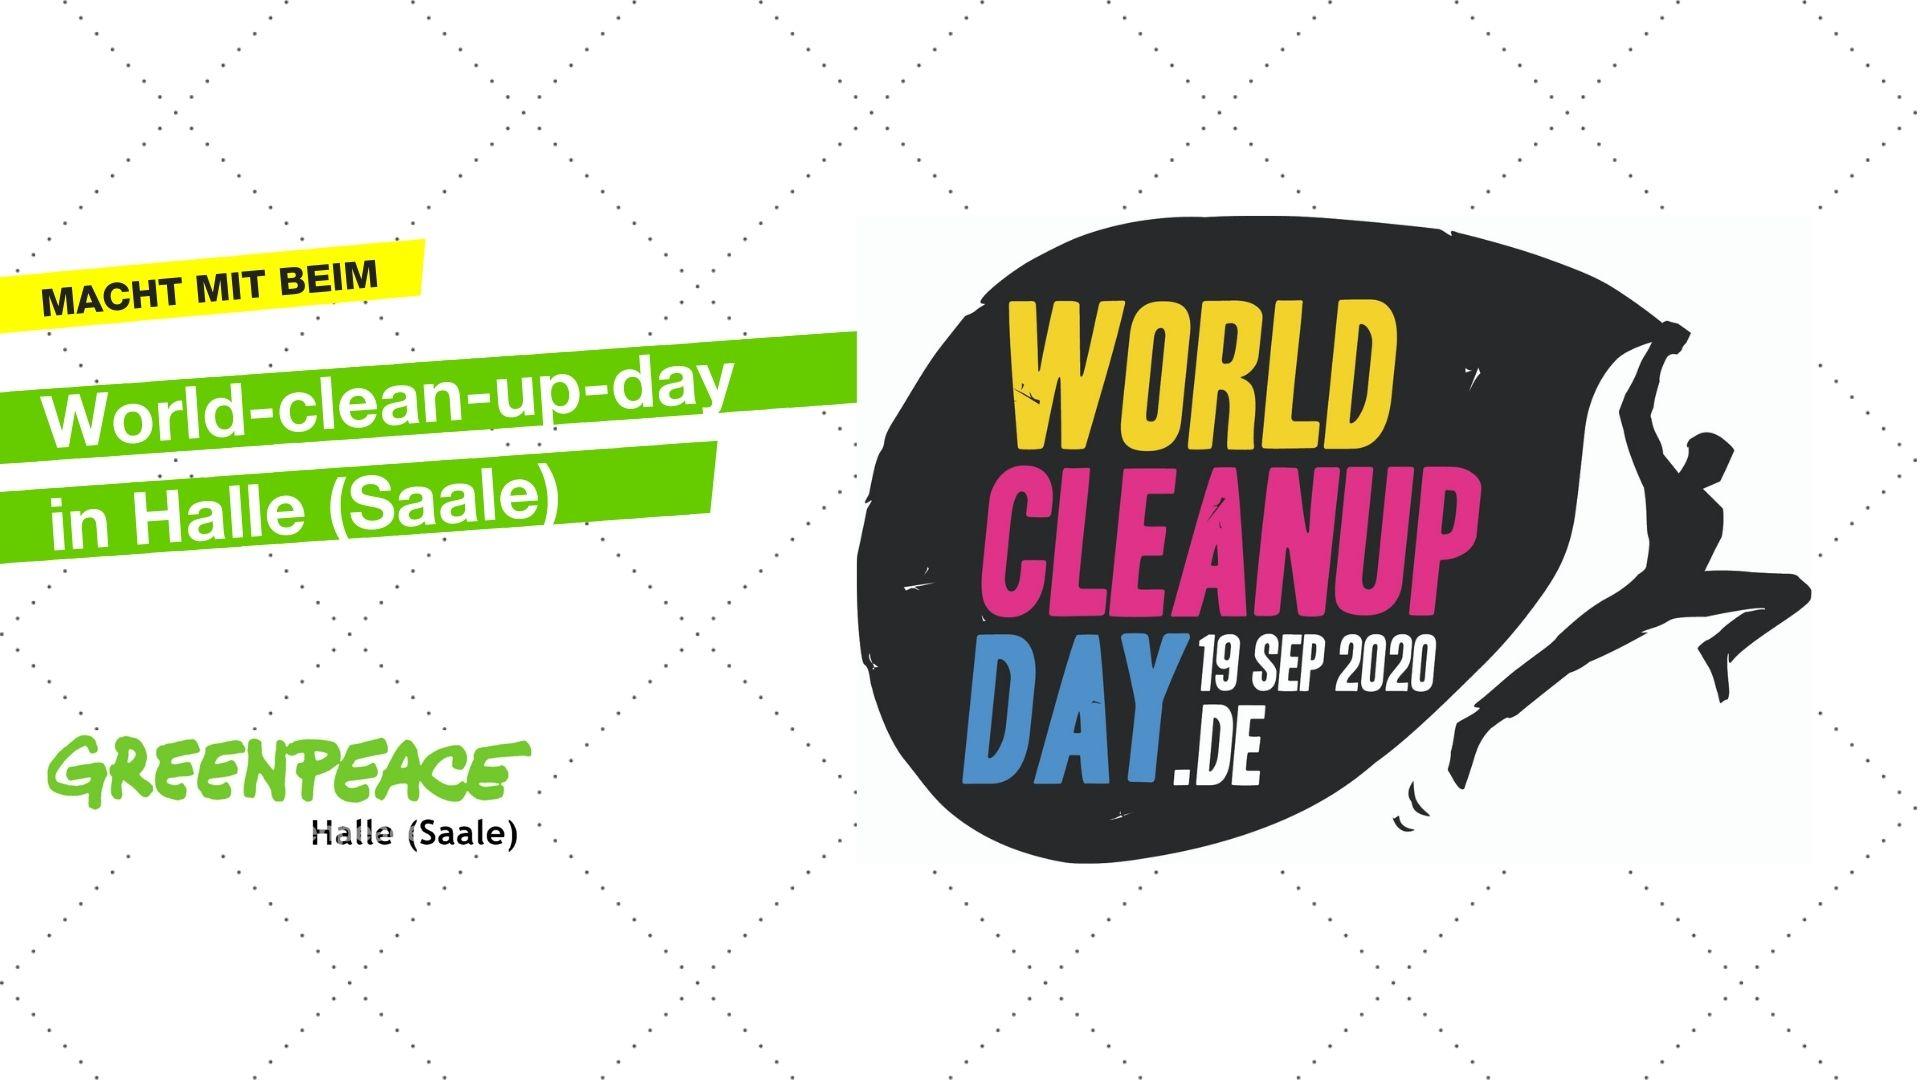 World Clean-up Day in Halle/Saale (Sachsen-Anhalt)